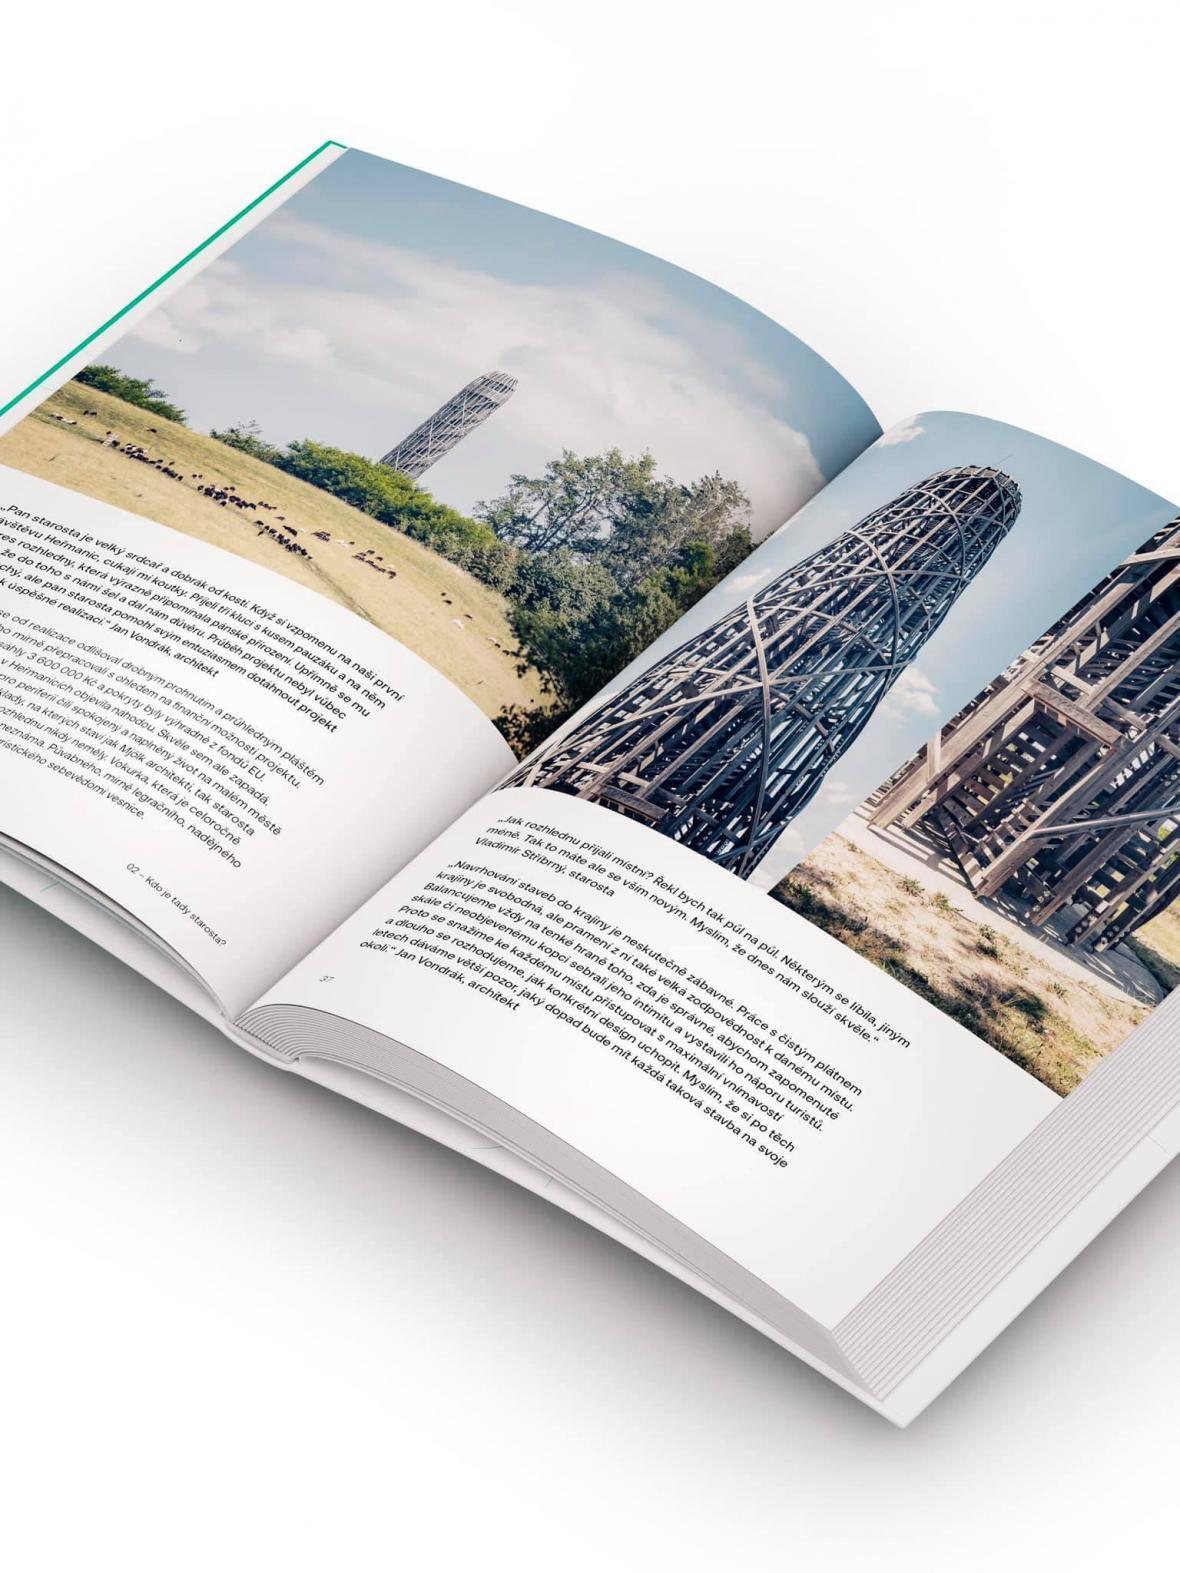 Proměny venkova a kvalitní architekturu obcí mapuje publikace Možnosti vesnice dvojice autorů  Michaely Hečkové a Matěje Chabery